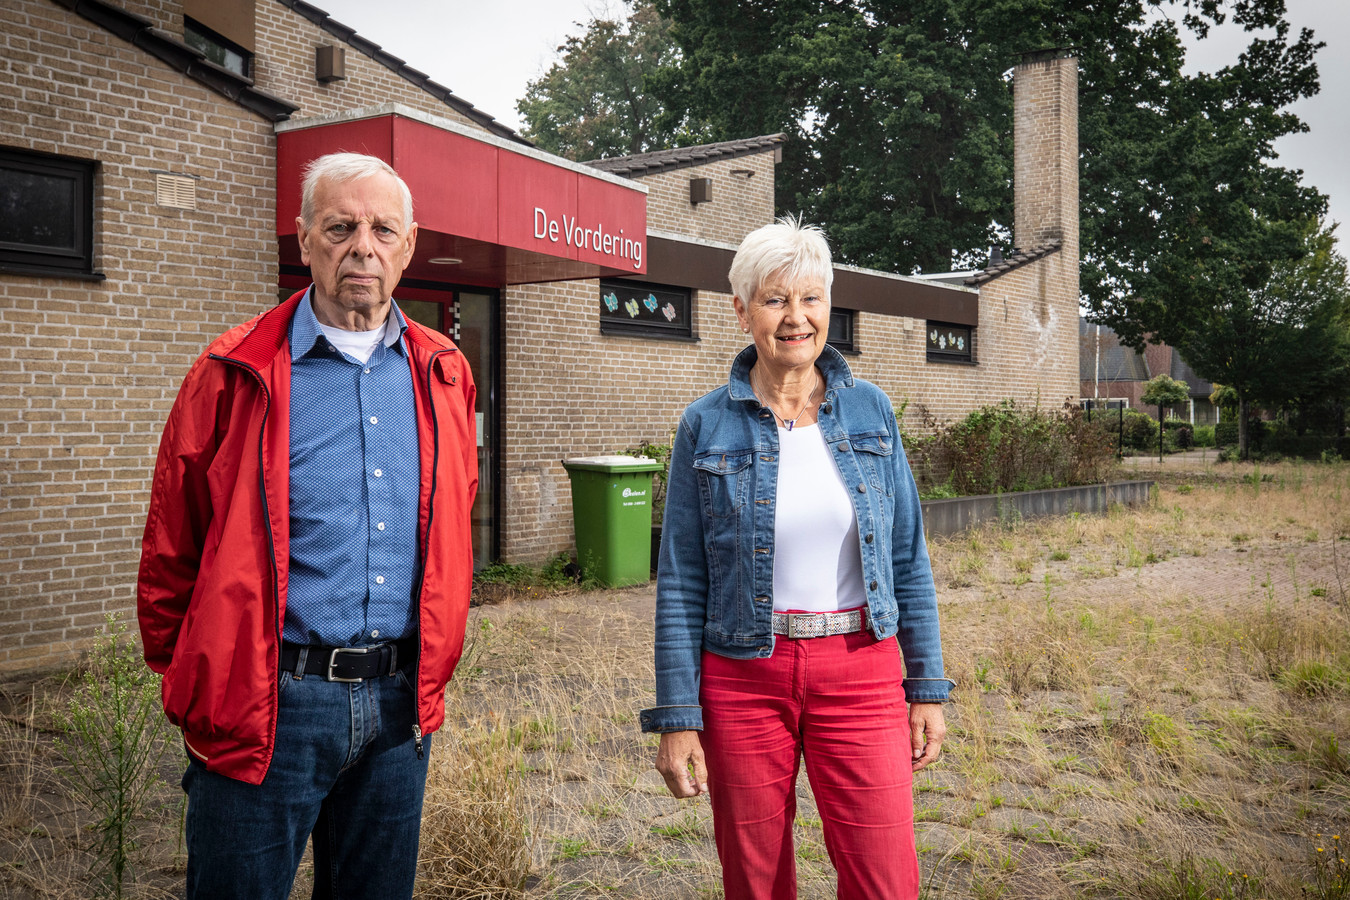 Jan Breukink en Eppie van het Hof op het door onkruid overwoekerde schoolplein van De Vordering. Van het Hof: ,,Sociale woningbouw zou een prima oplossing zijn op de plek van de oude school.''